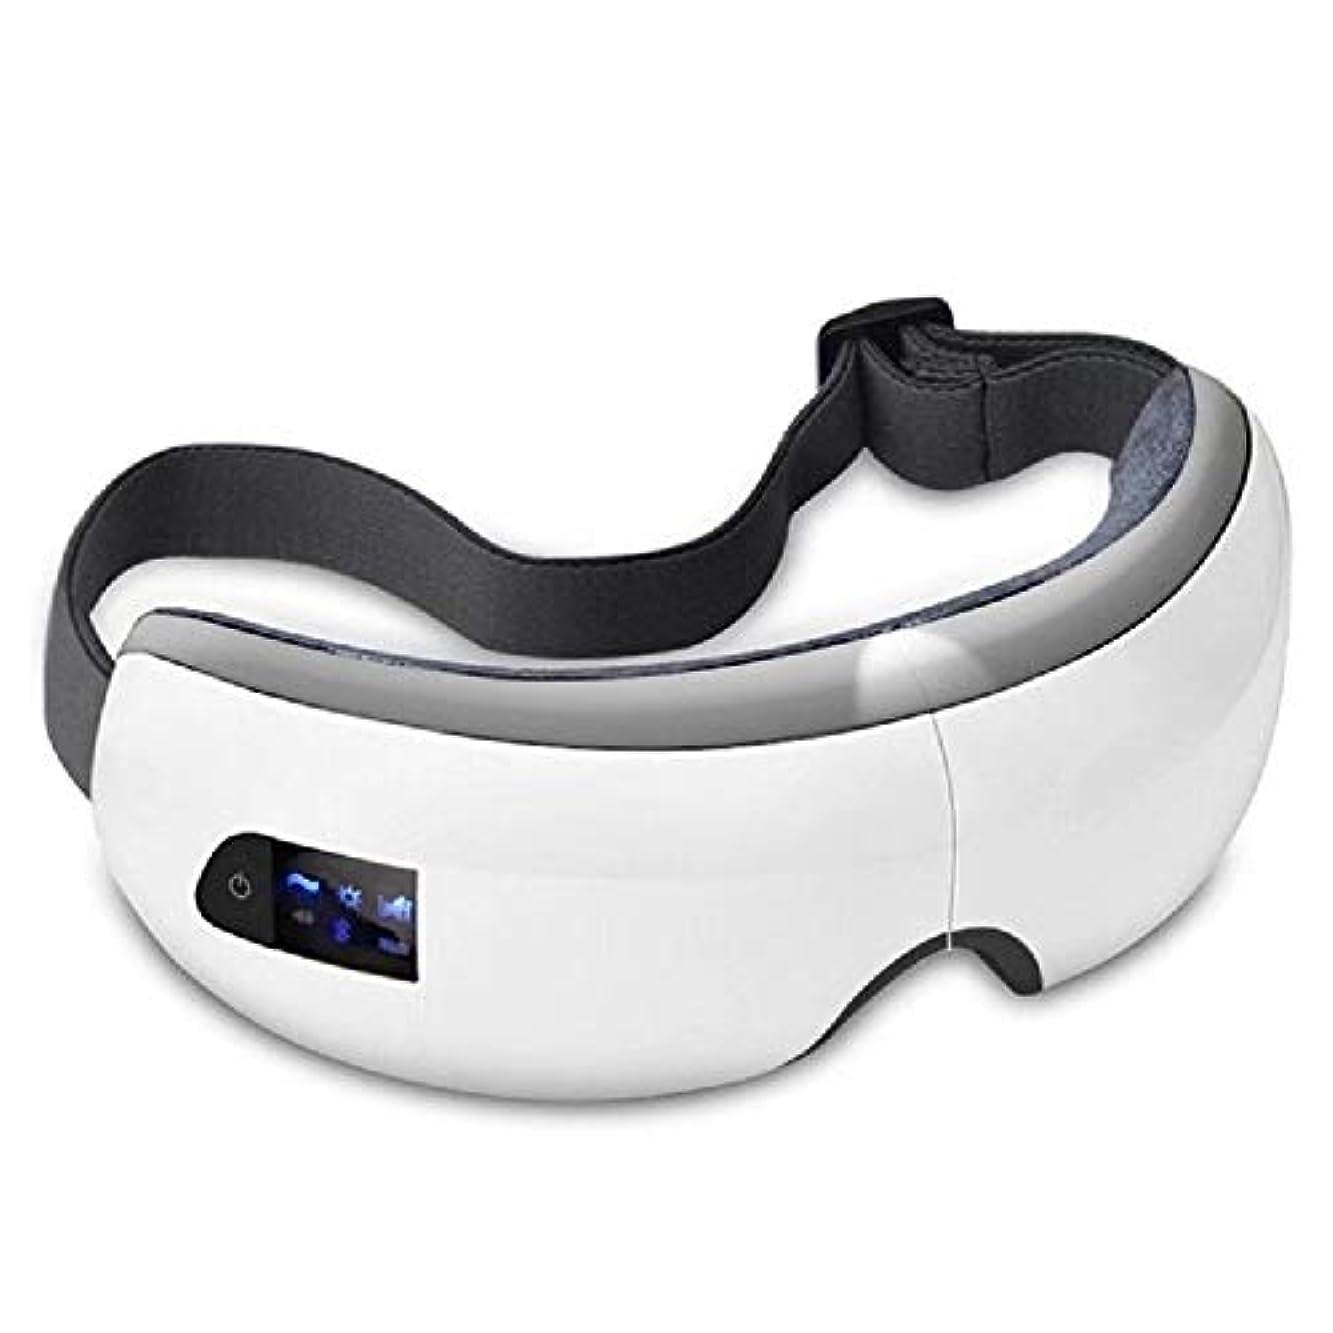 ドリルマッサージ改善Meet now 流行の目のマッサージのSPAの器械、熱療法が付いている電気アイマッサージャー 品質保証